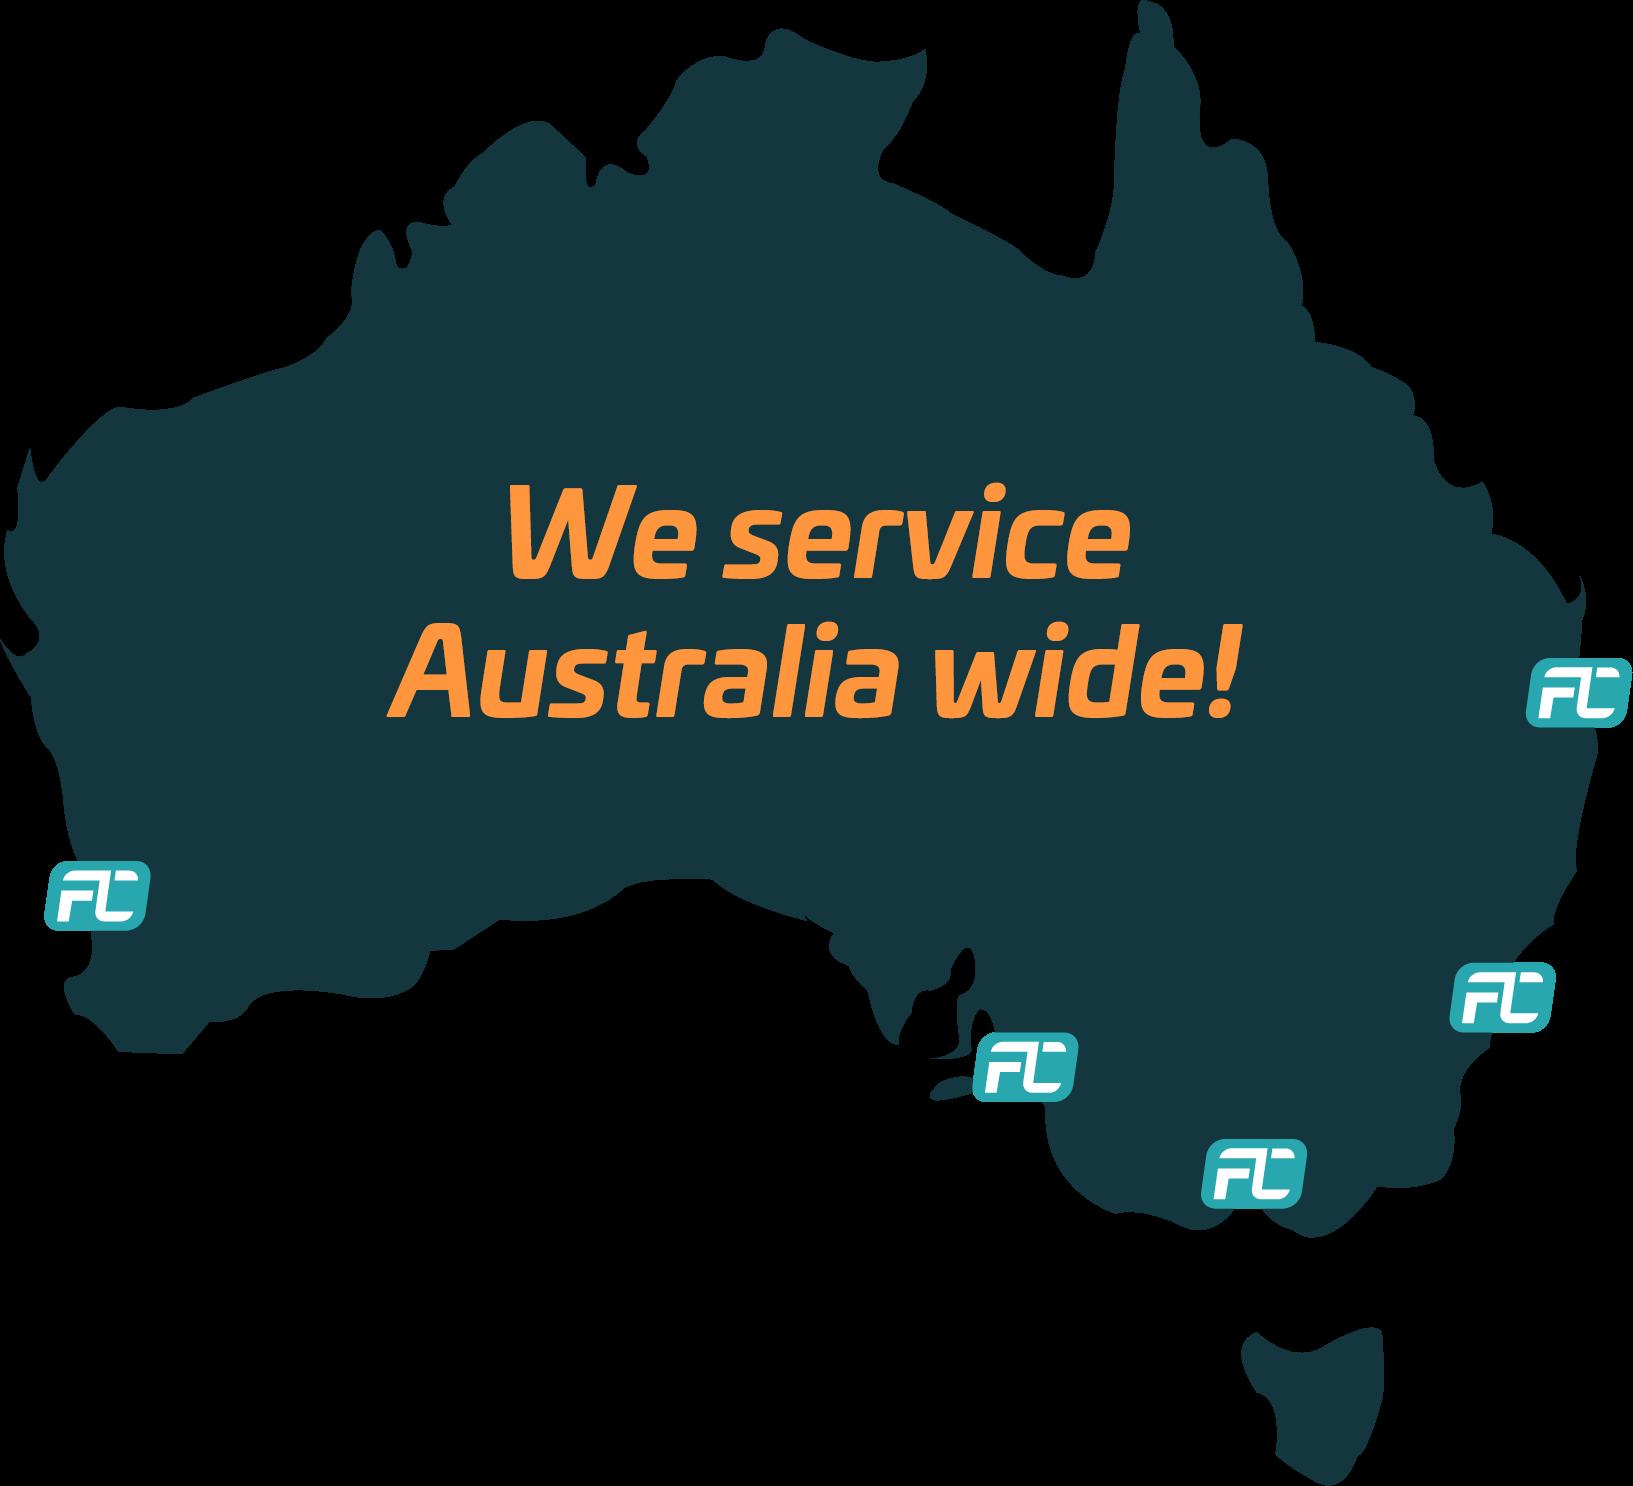 australian wide